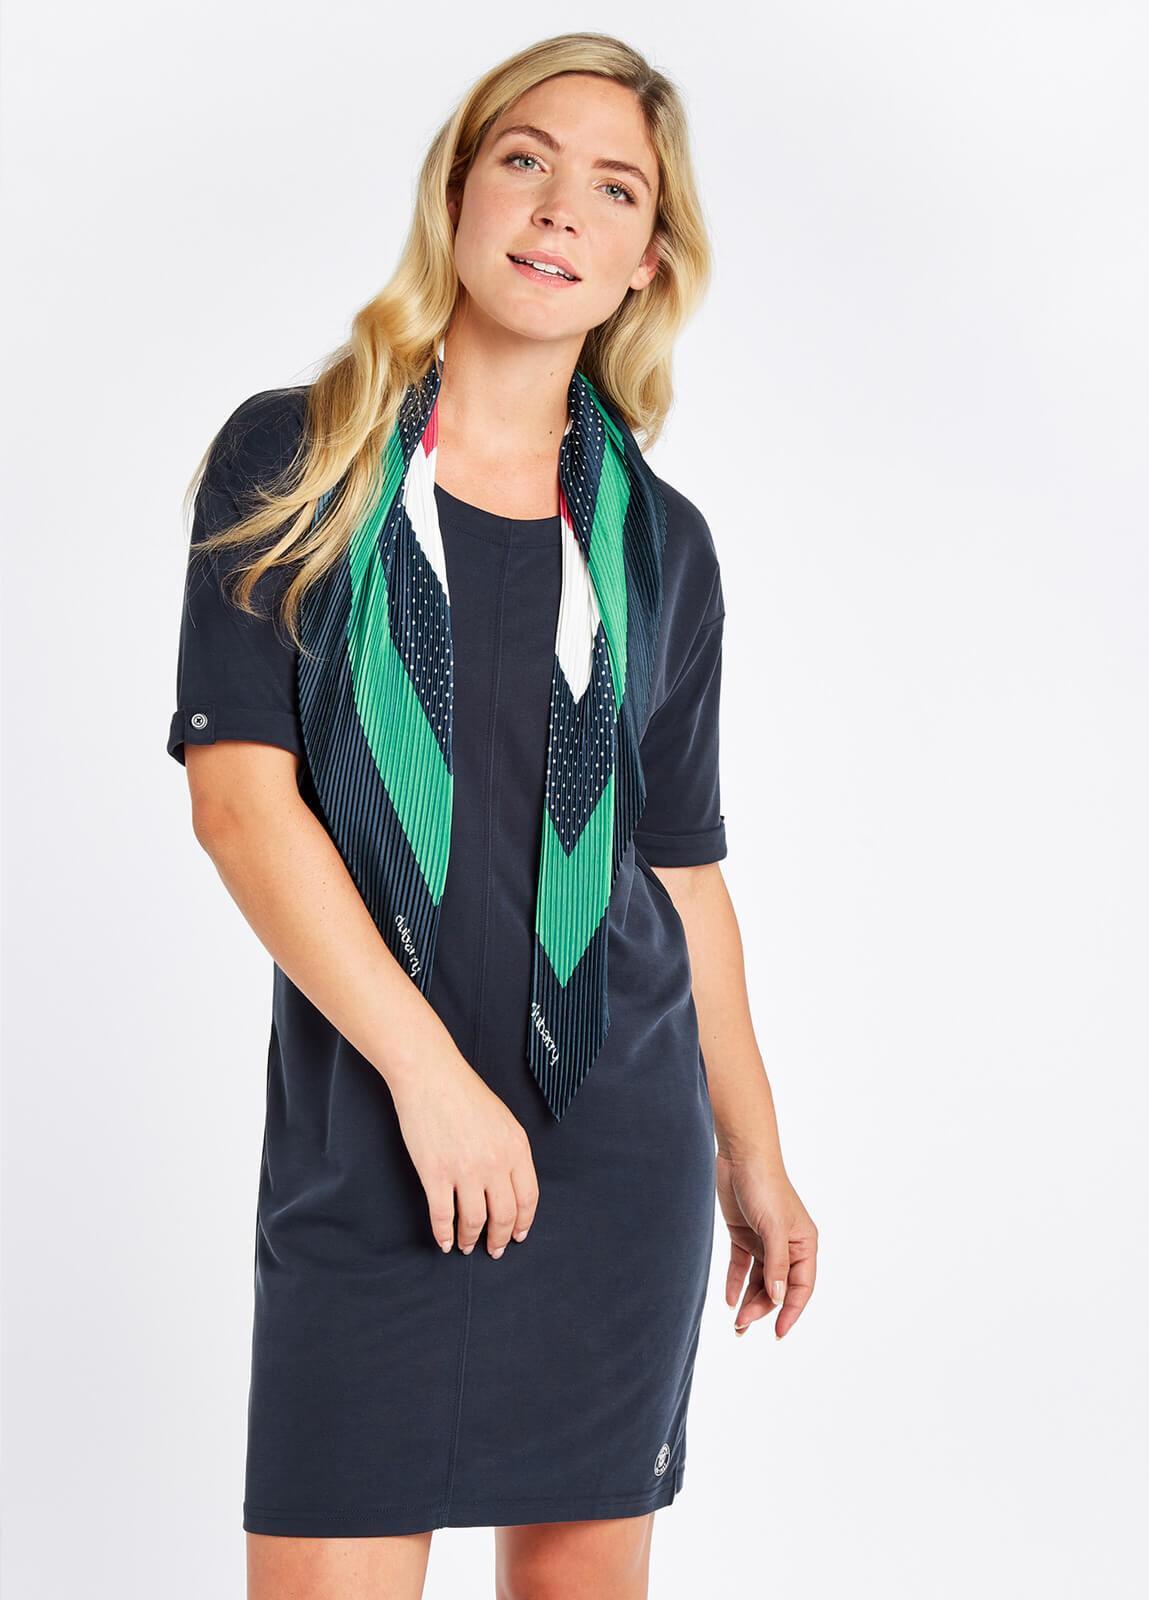 Coolbeg Tunic Dress - Navy